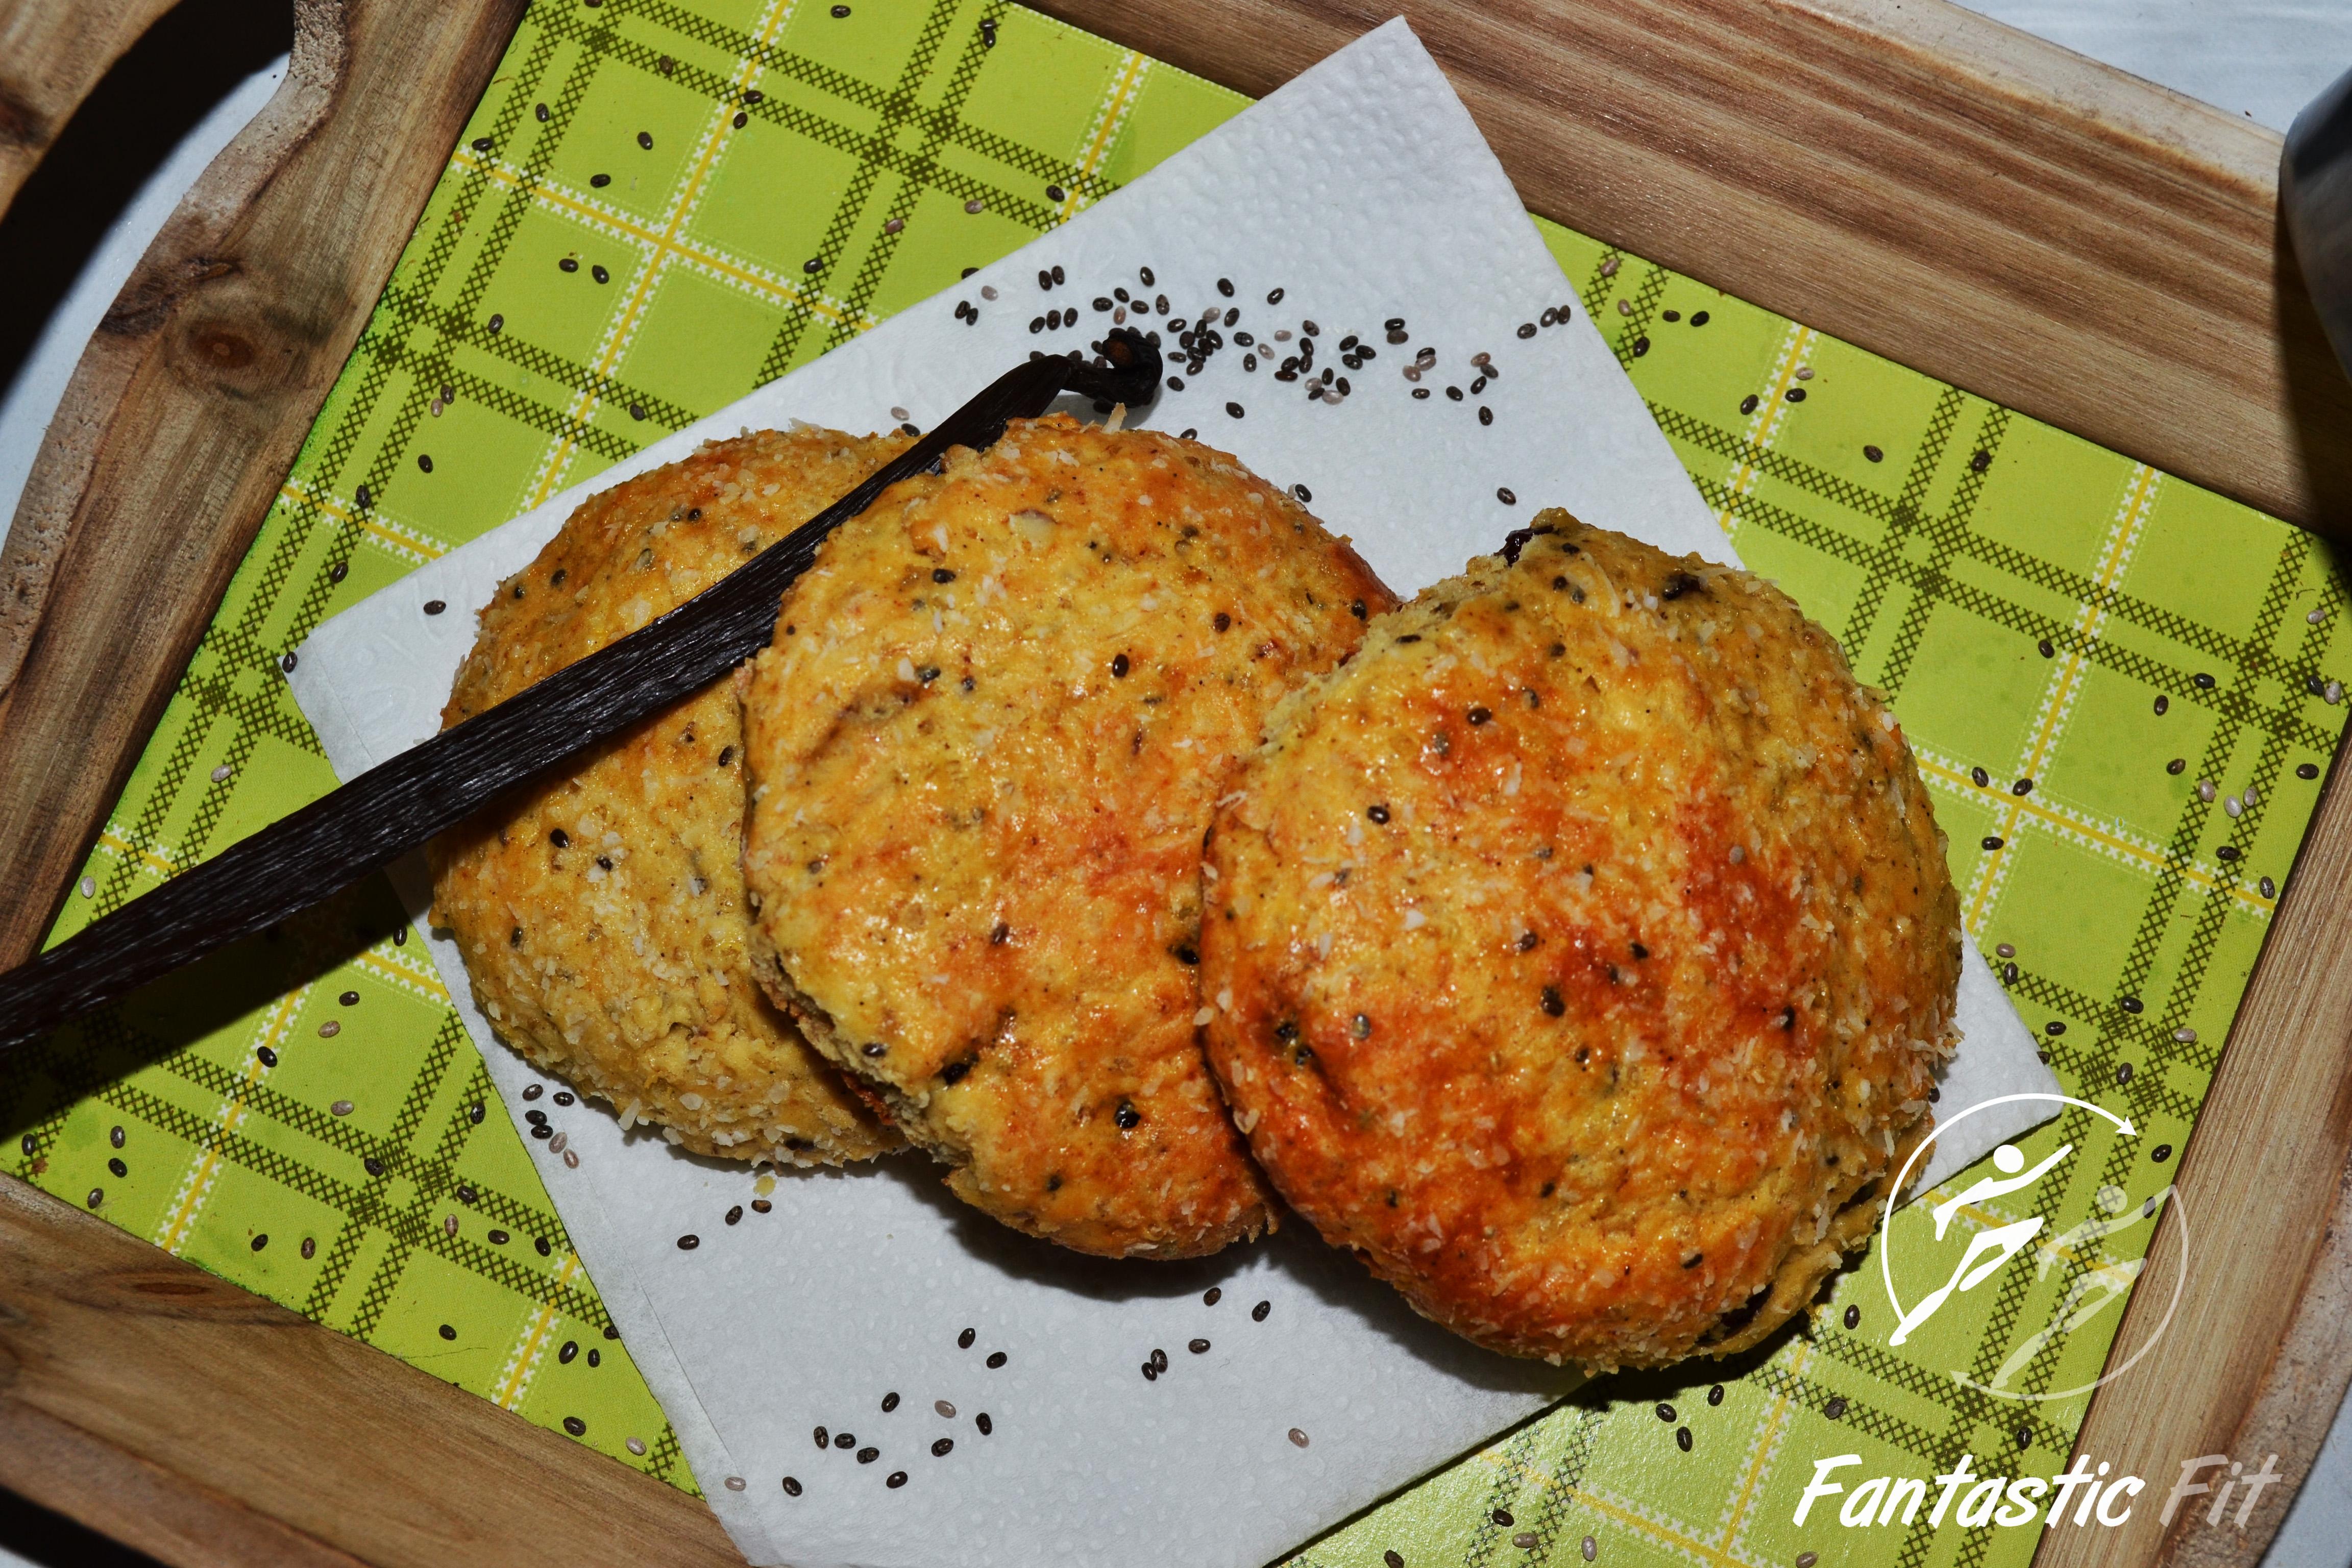 biscuiti sanatosi baza pentru prajituri fantastic fit